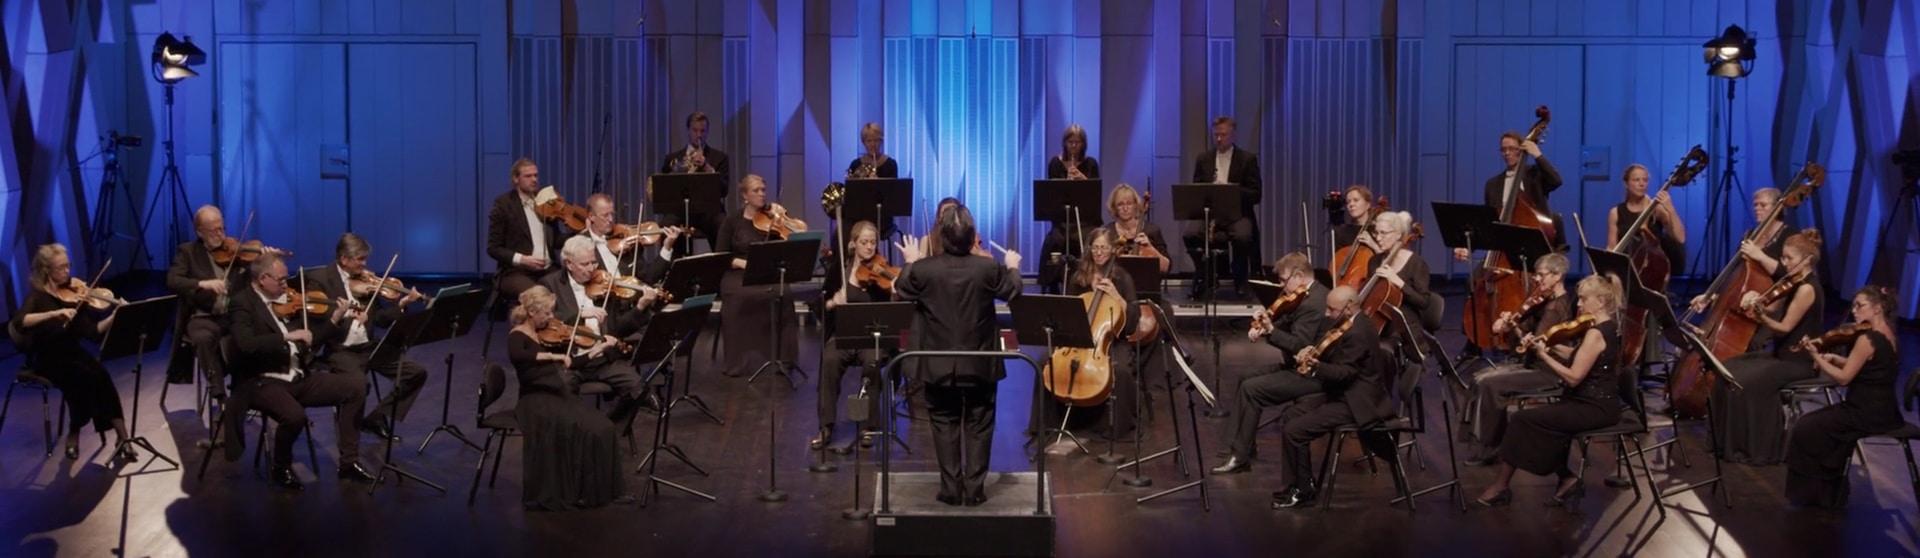 Foto från konserten Celloklassiker med Uppsala Kammarorkester